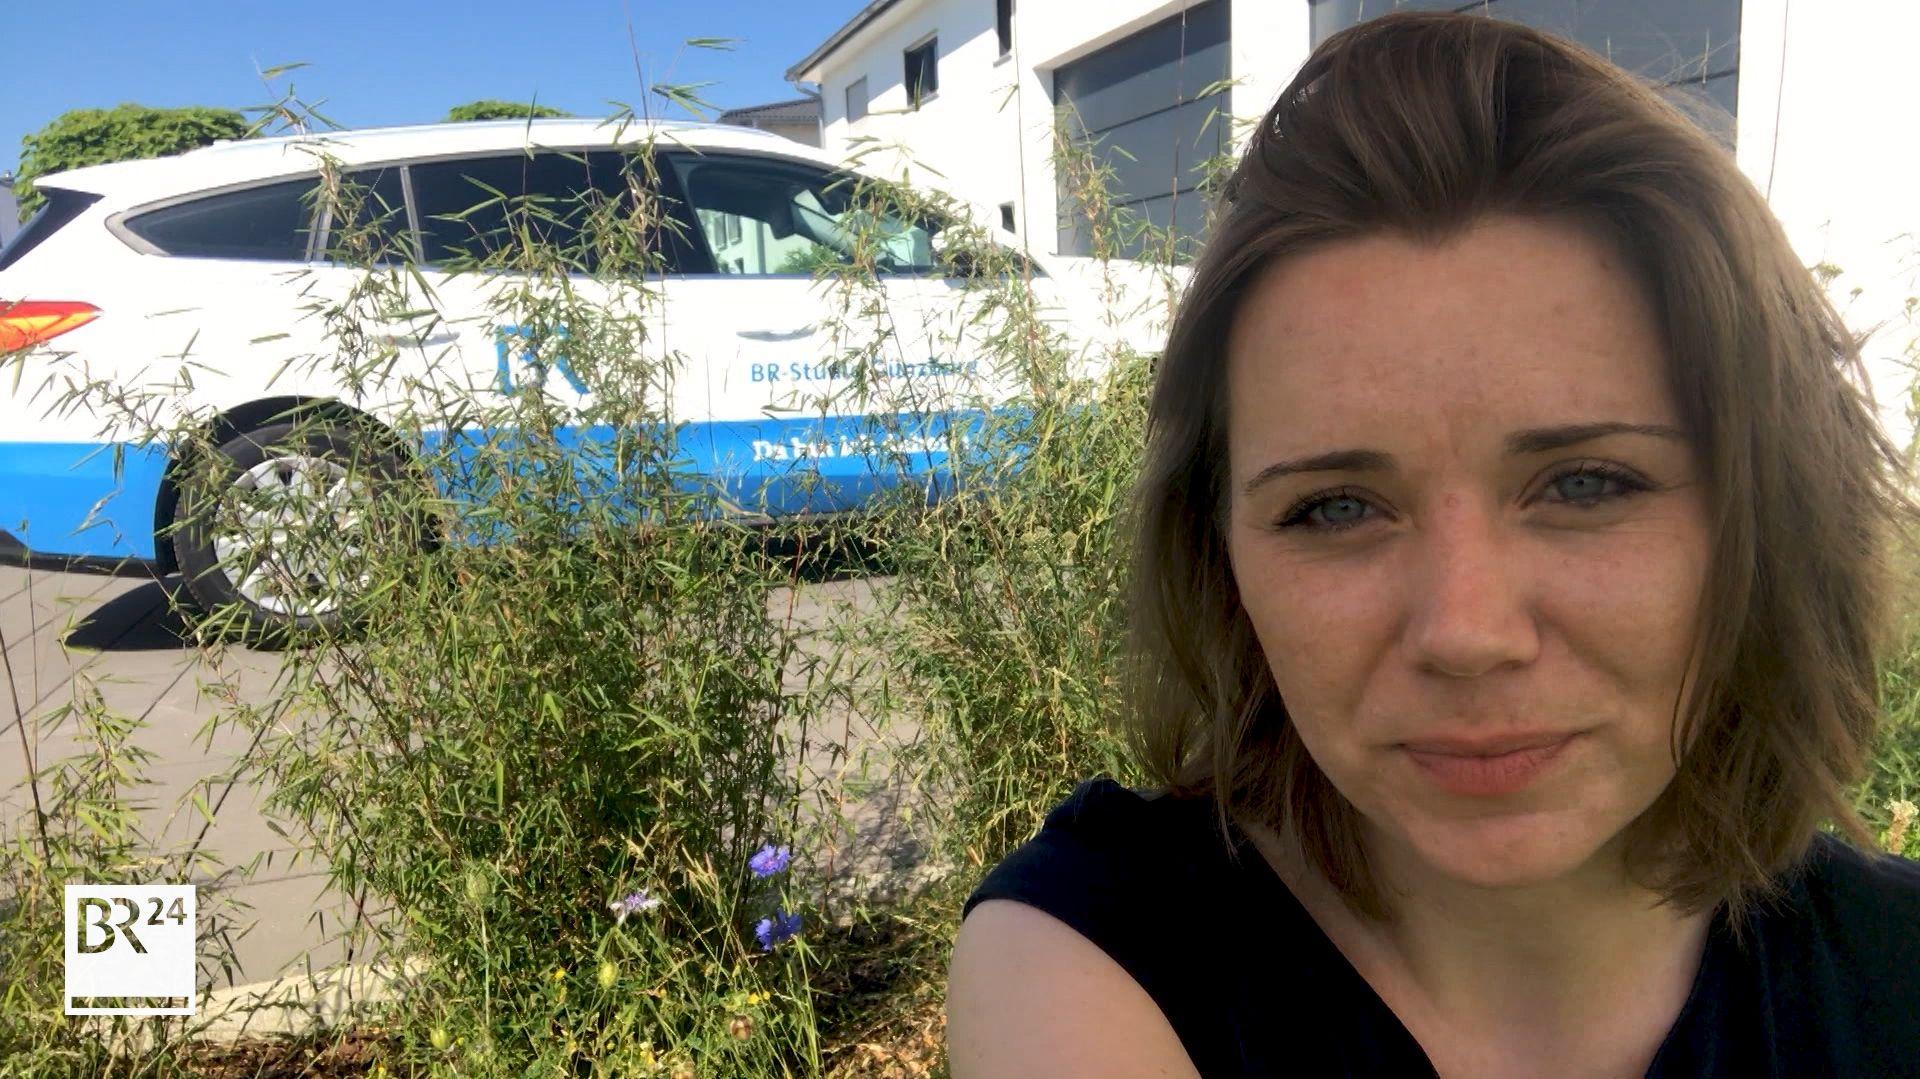 Jenny Schack, BR-Korrespondentin für die Landkreise Günzburg und Neu-Ulm, schützt die Bienen.